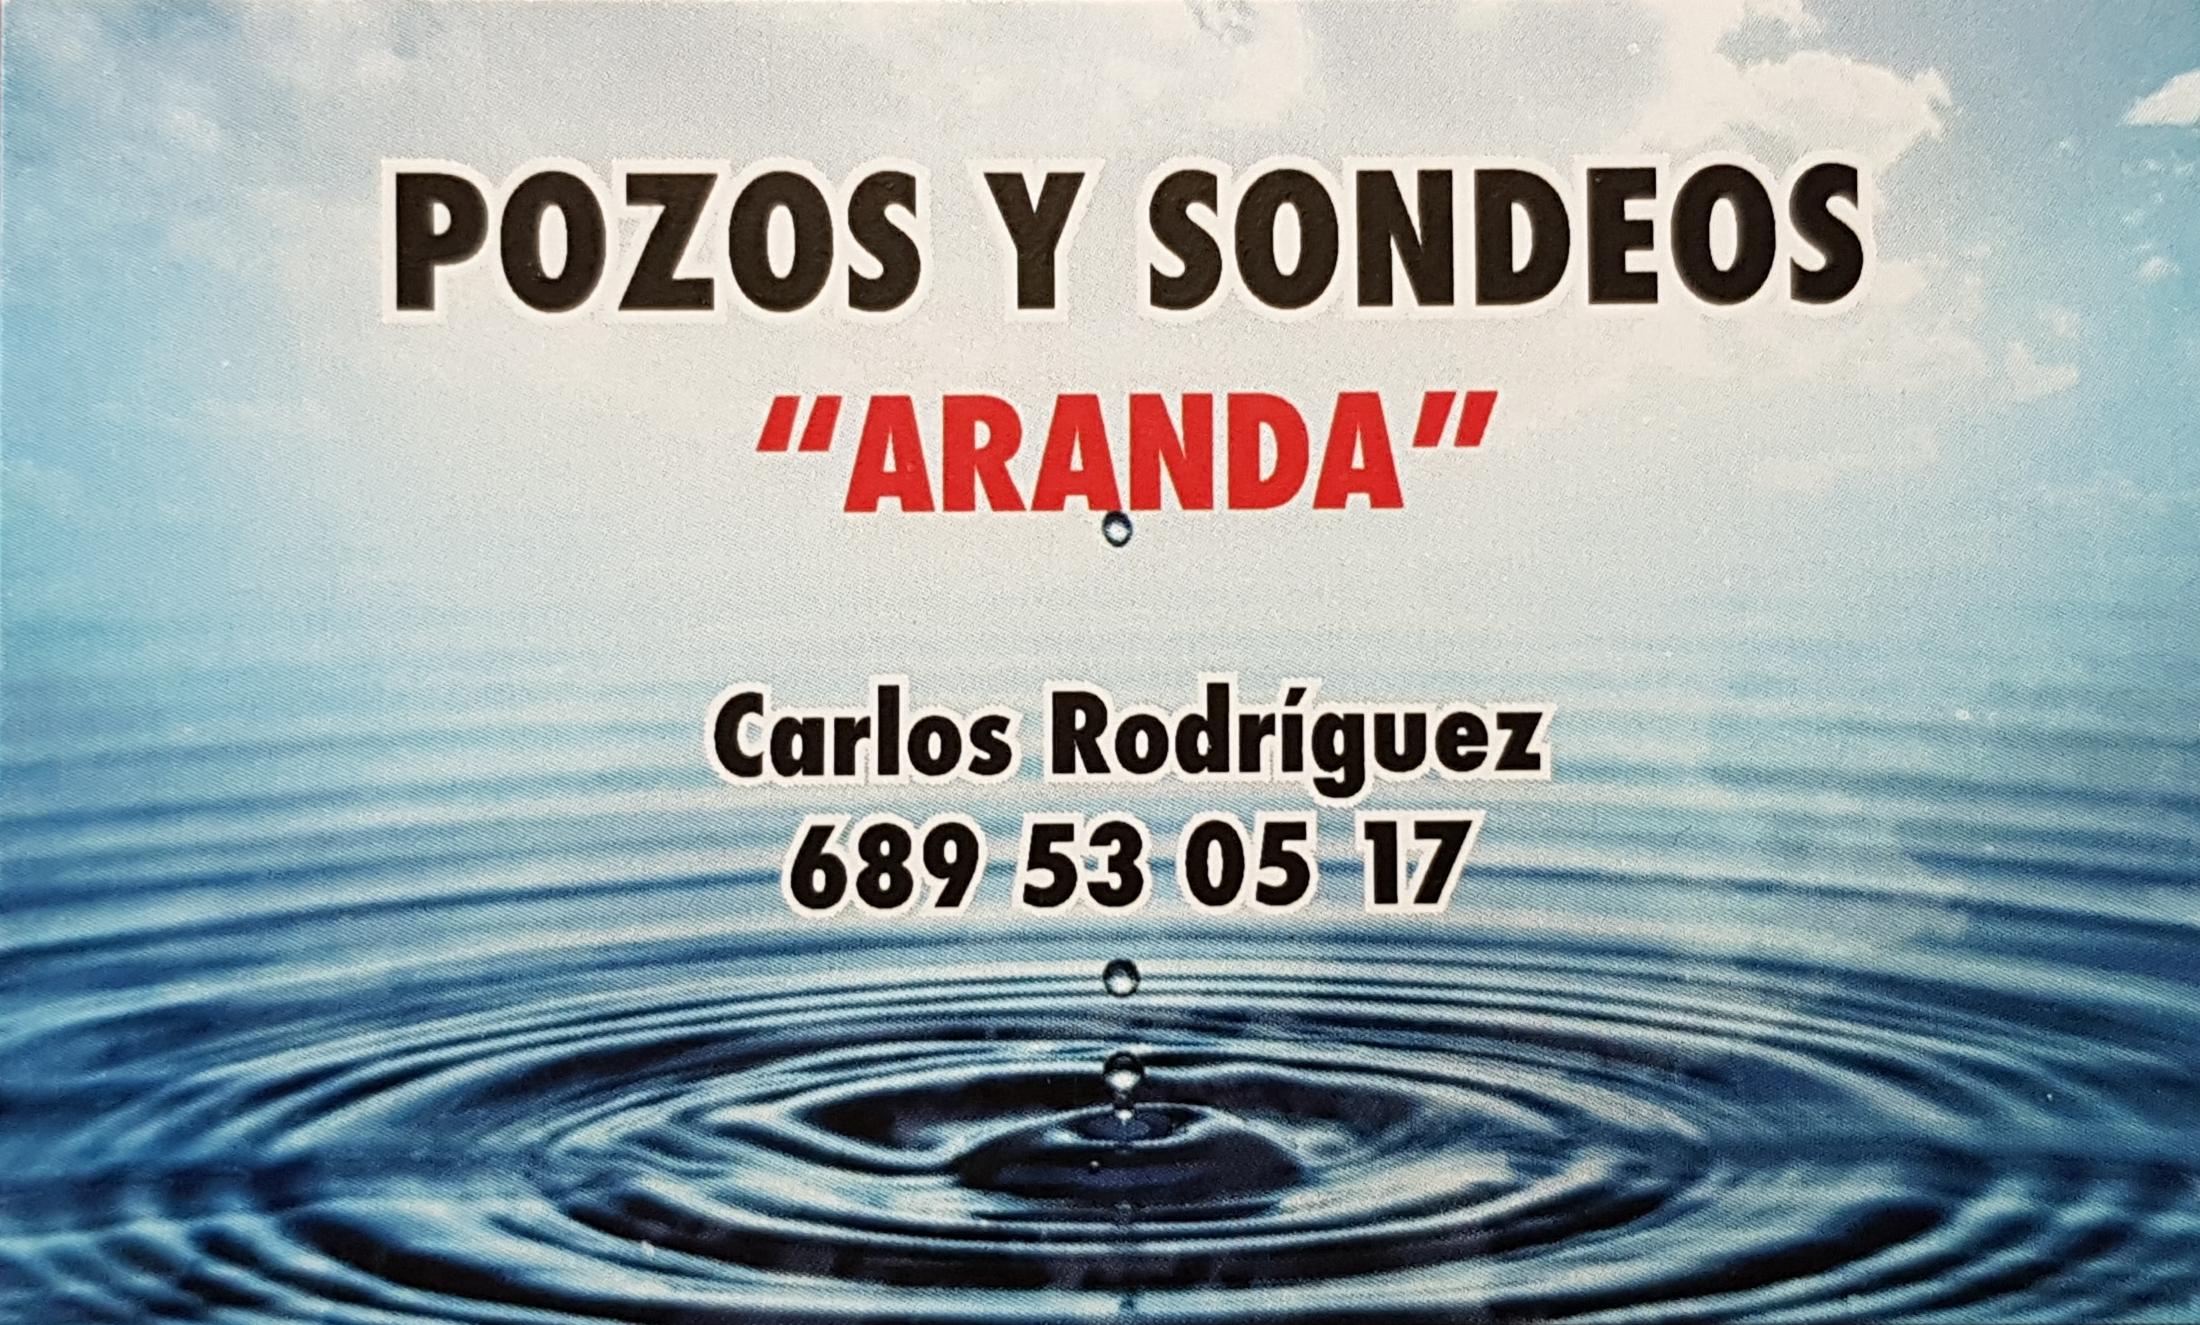 POZOS Y SONDEOS ARANDA